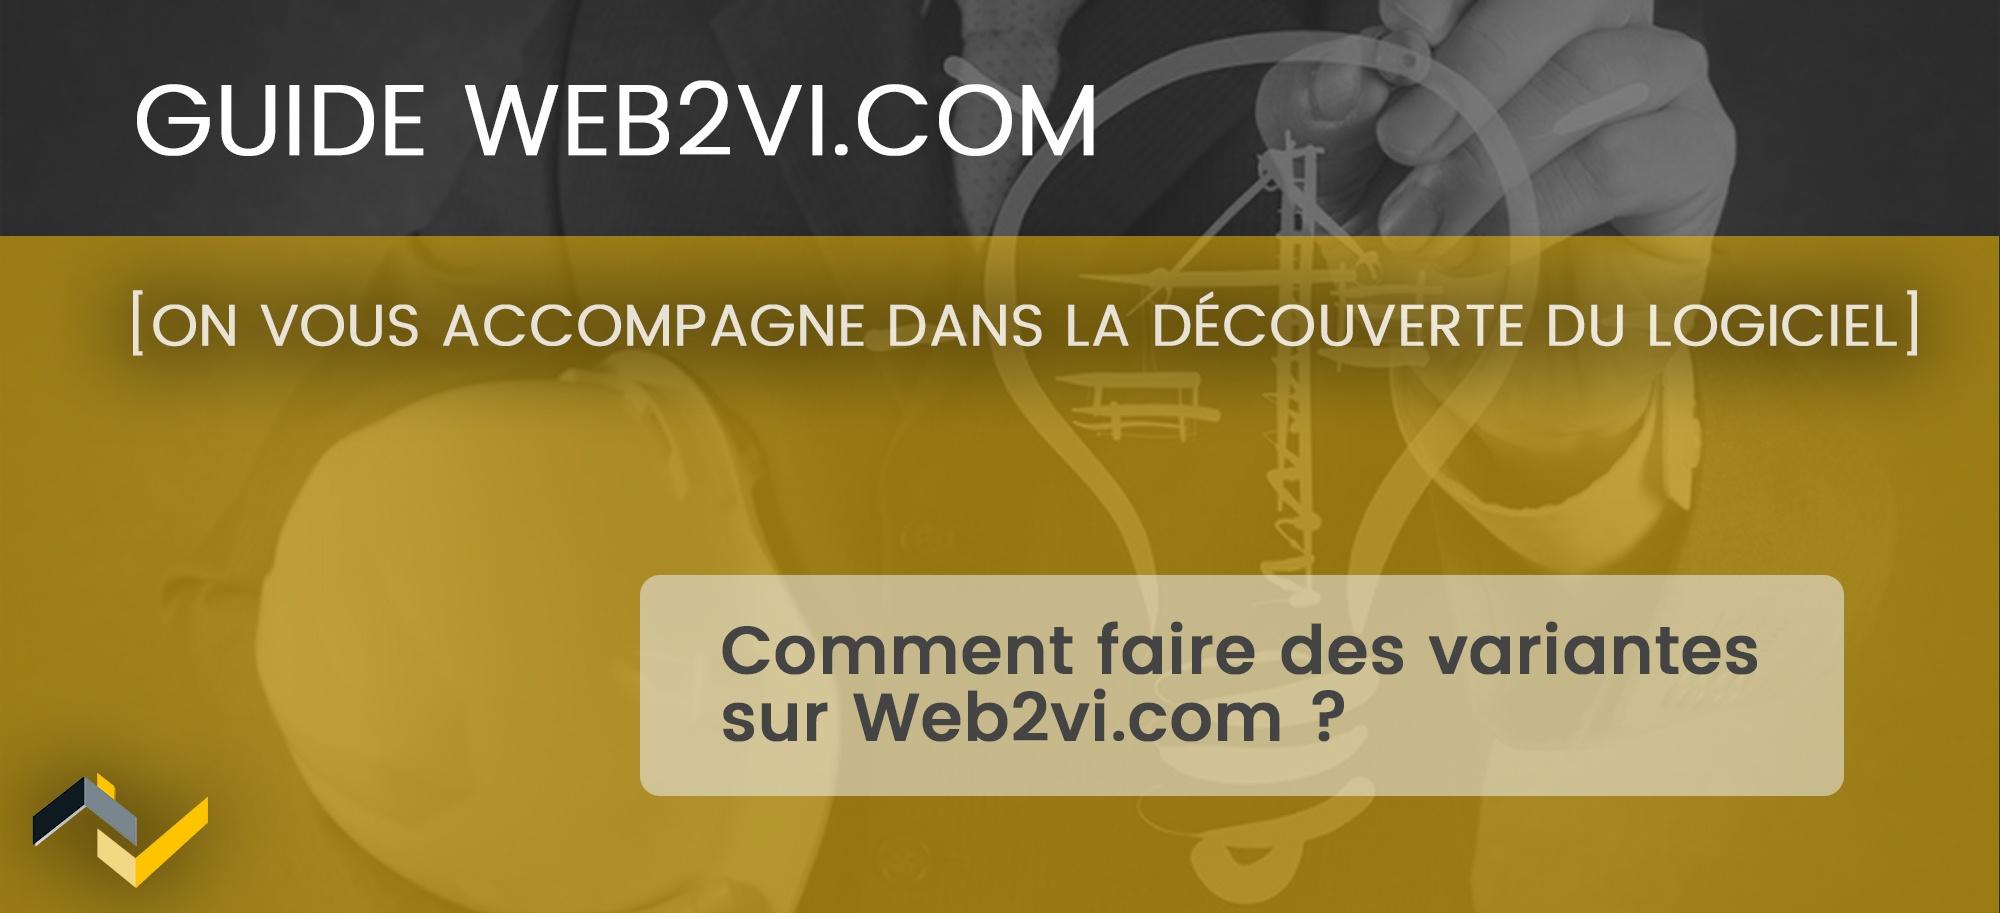 Comment faire des variantes sur Web2vi.com ?